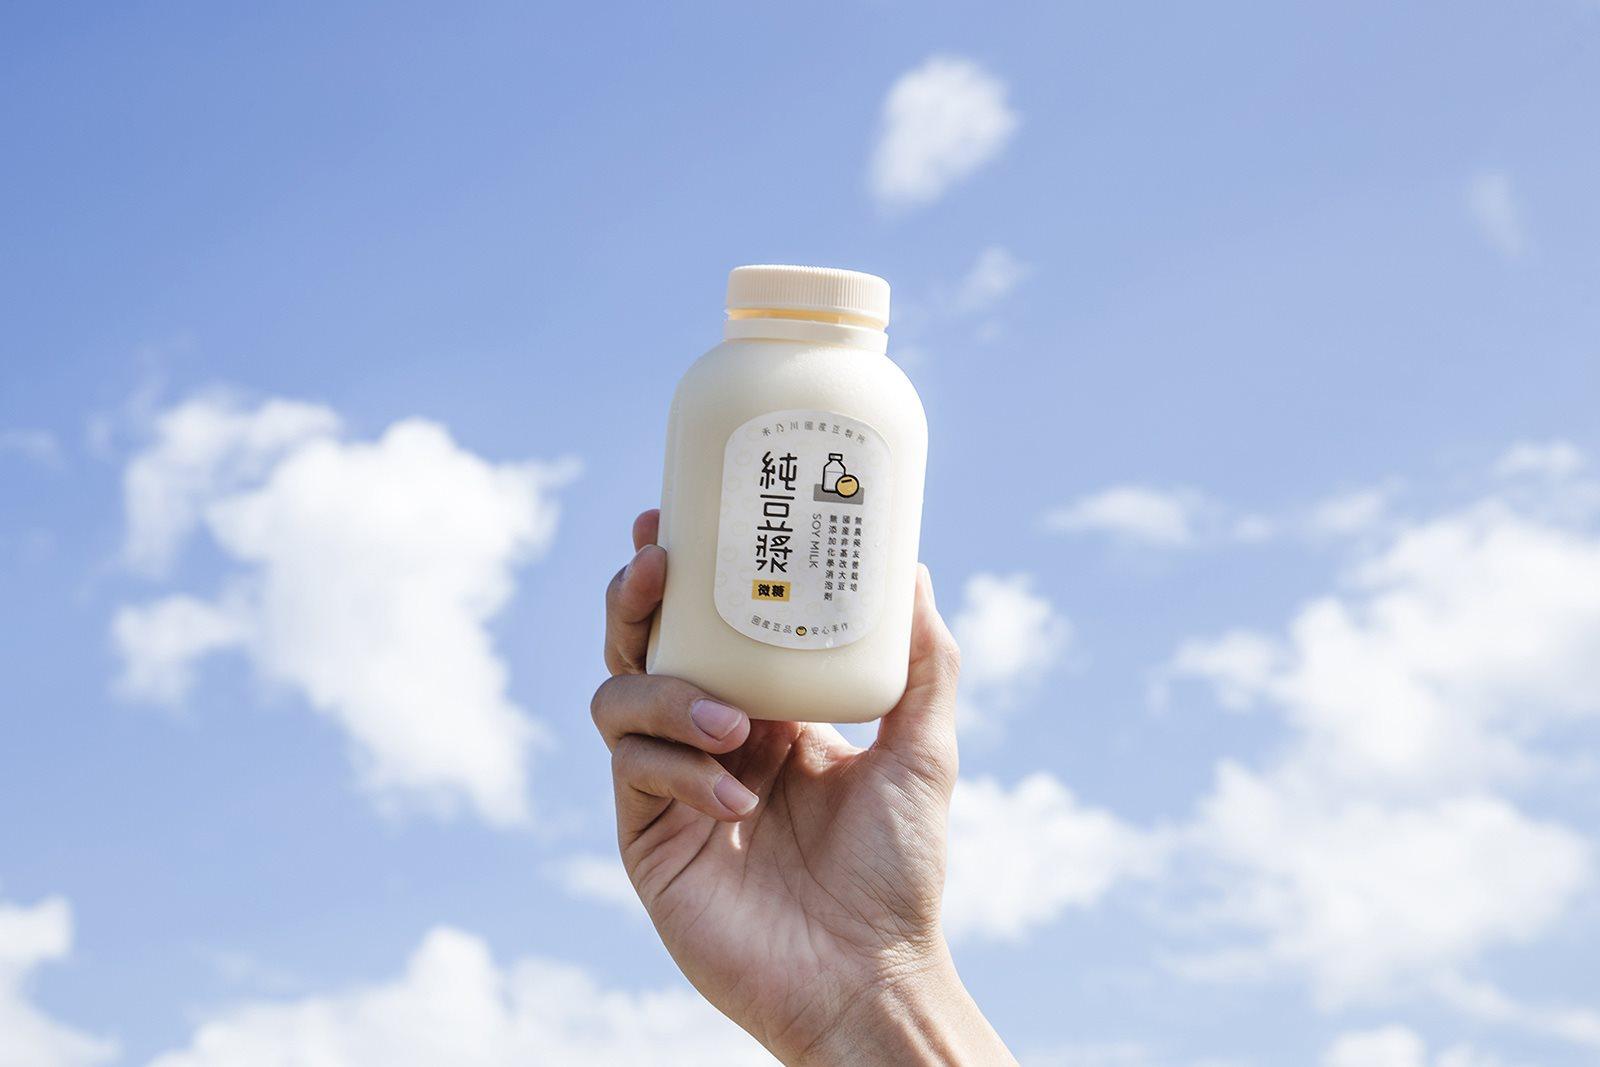 豆漿加熱要盡快飲用、勿反覆加熱,才能保存營養價值!